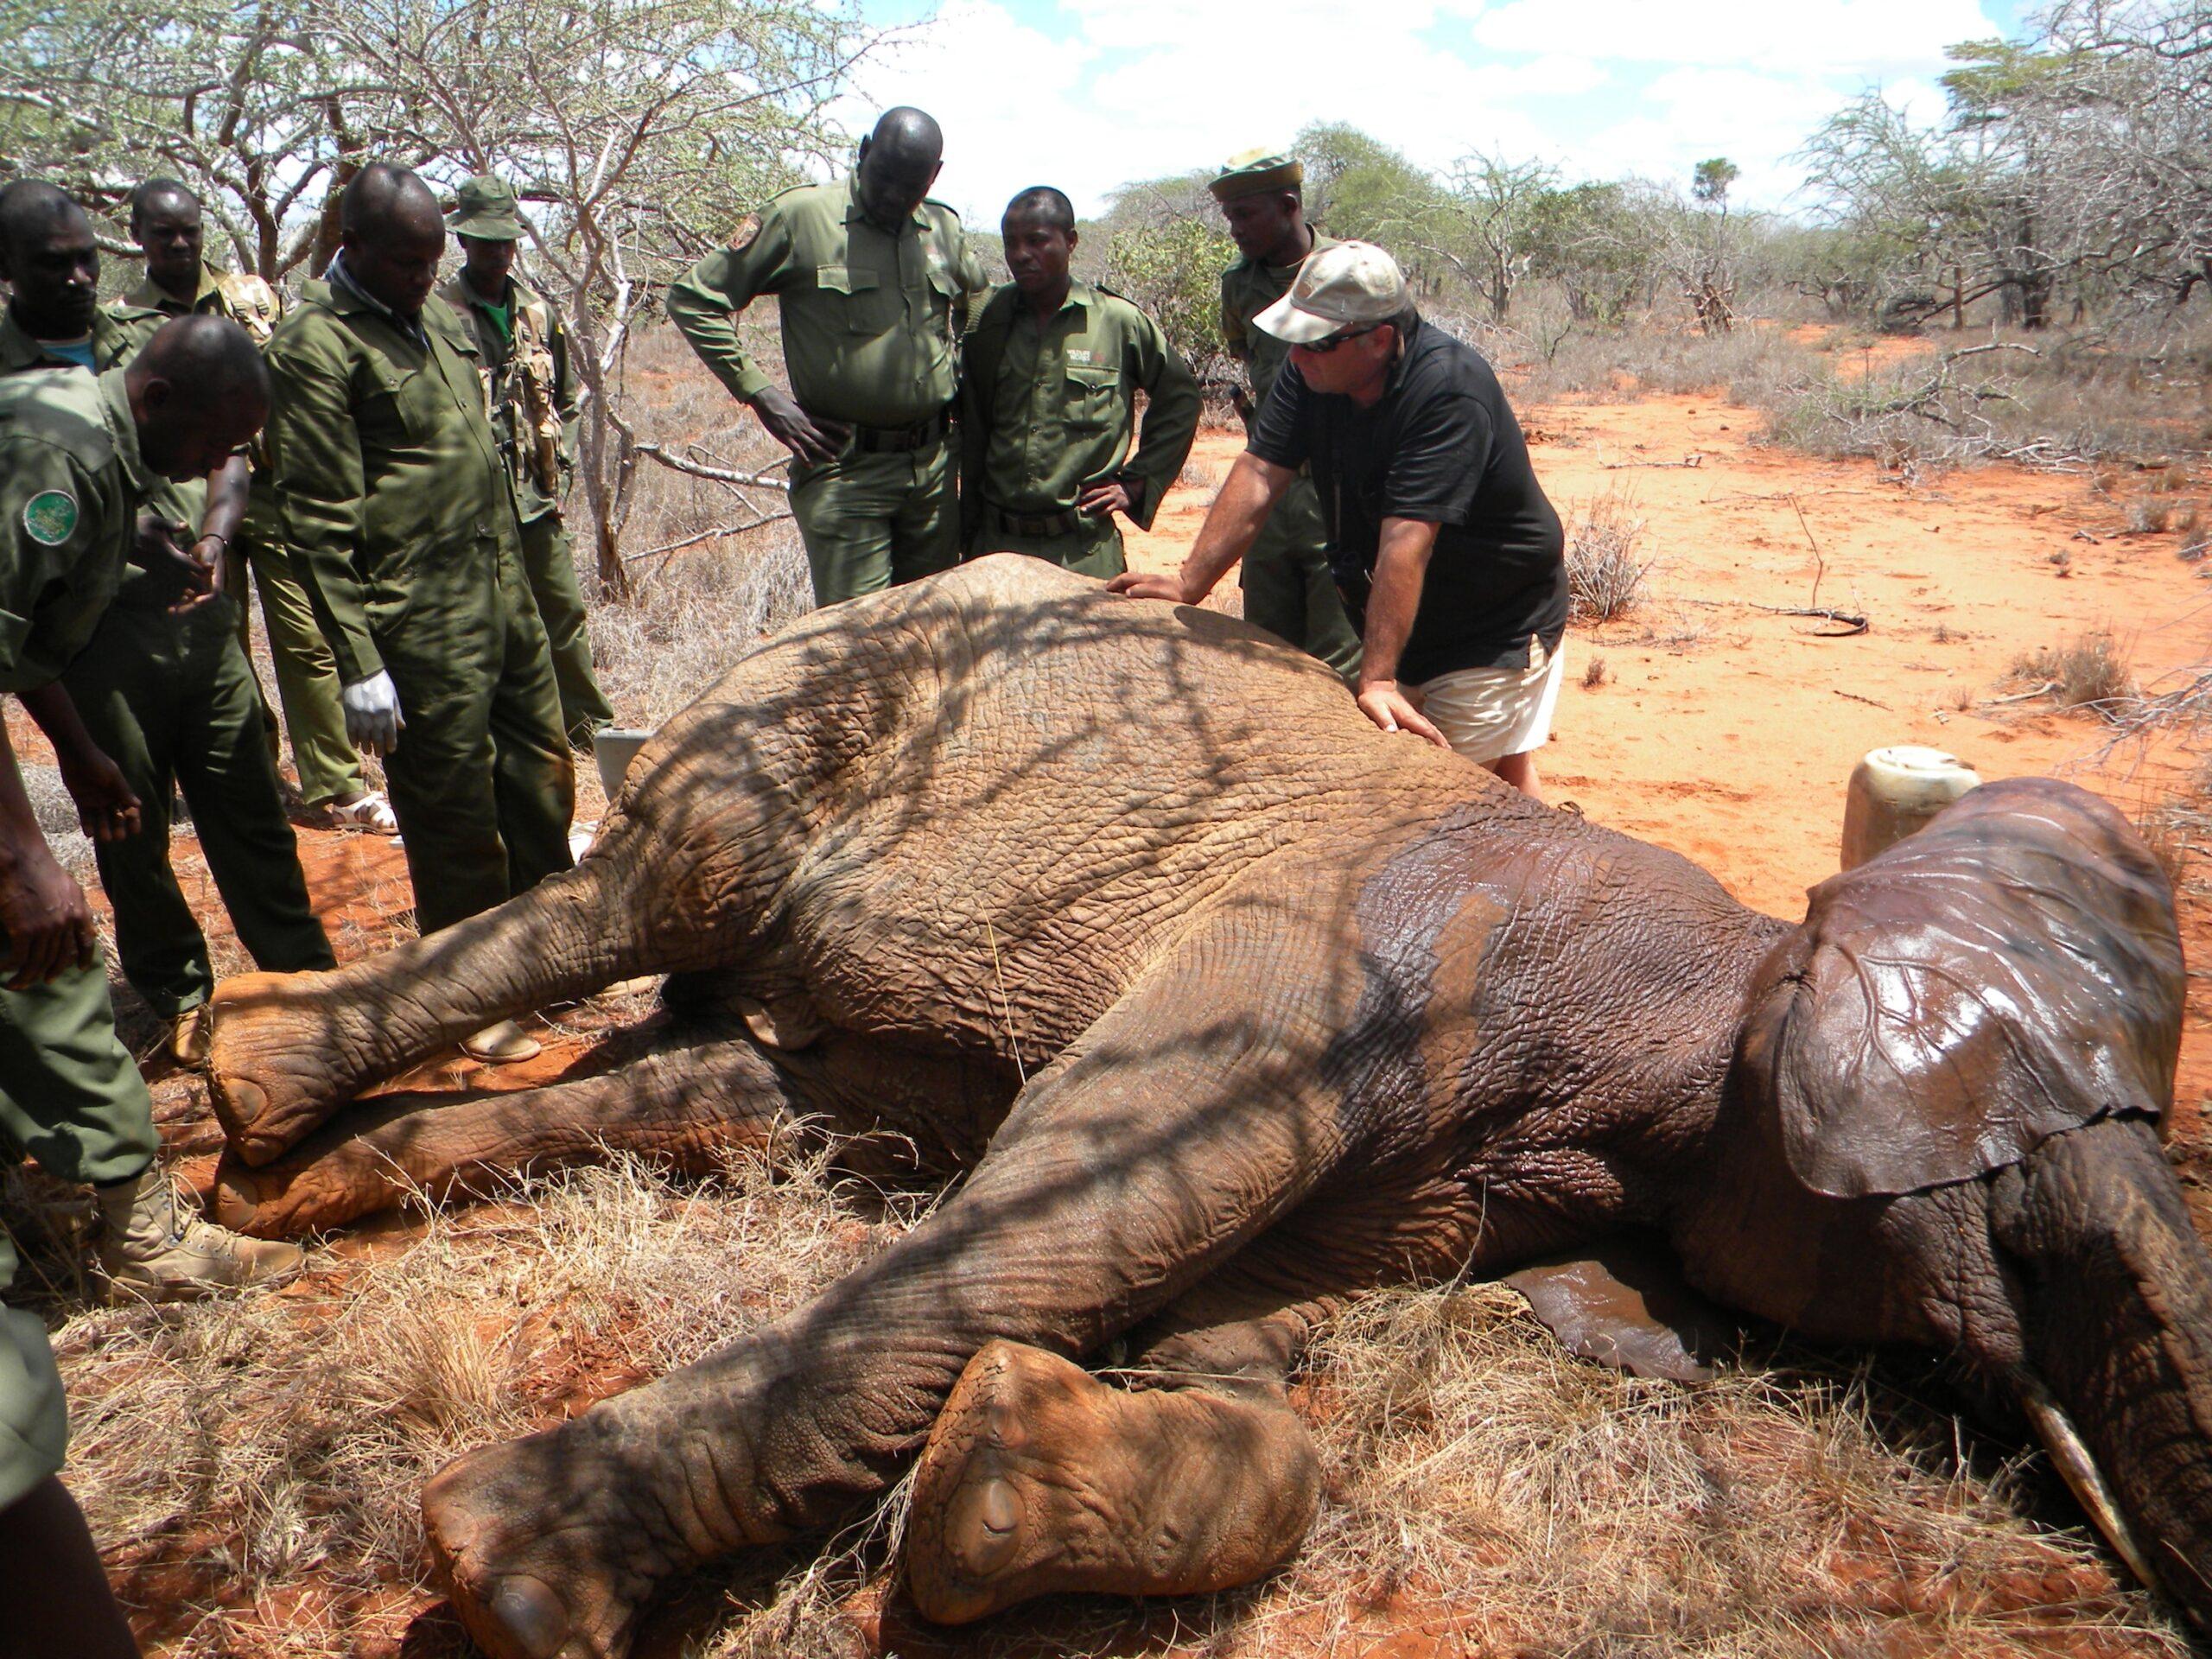 Rukinga Kenya / Wildlife Works